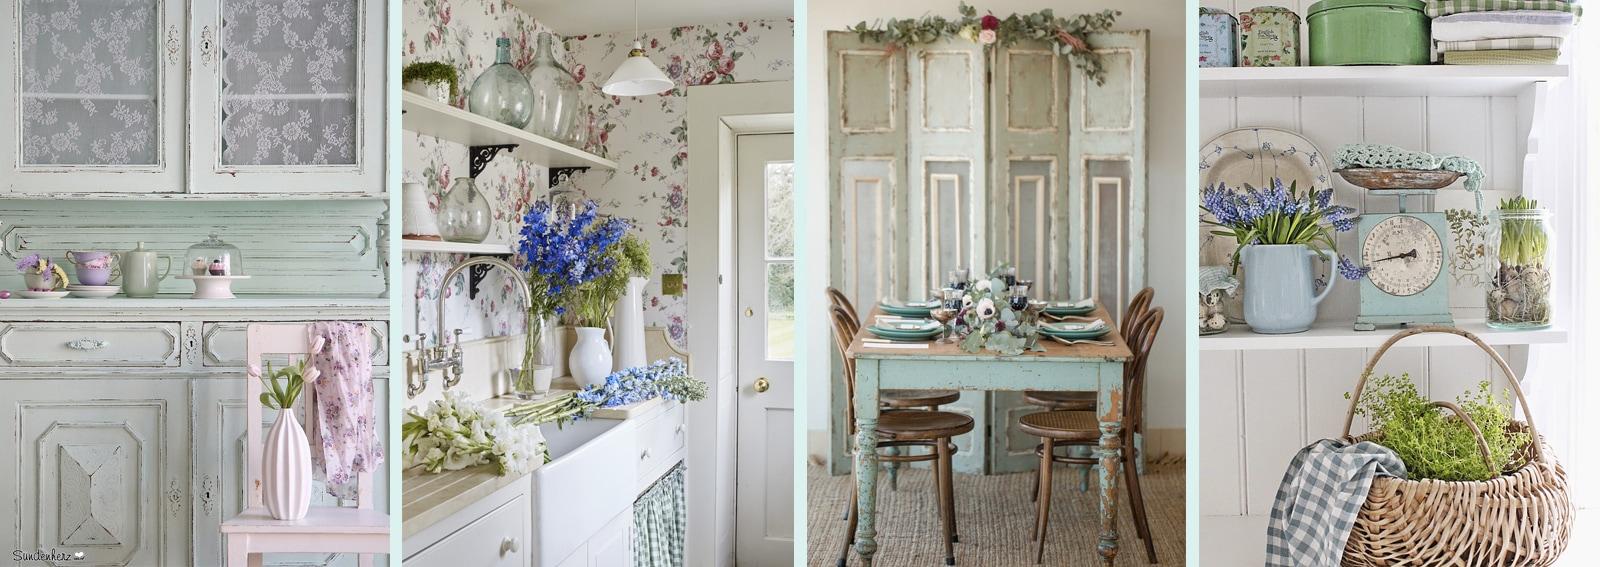 Come arredare la cucina in stile shabby chic grazia - Arredare casa country chic ...